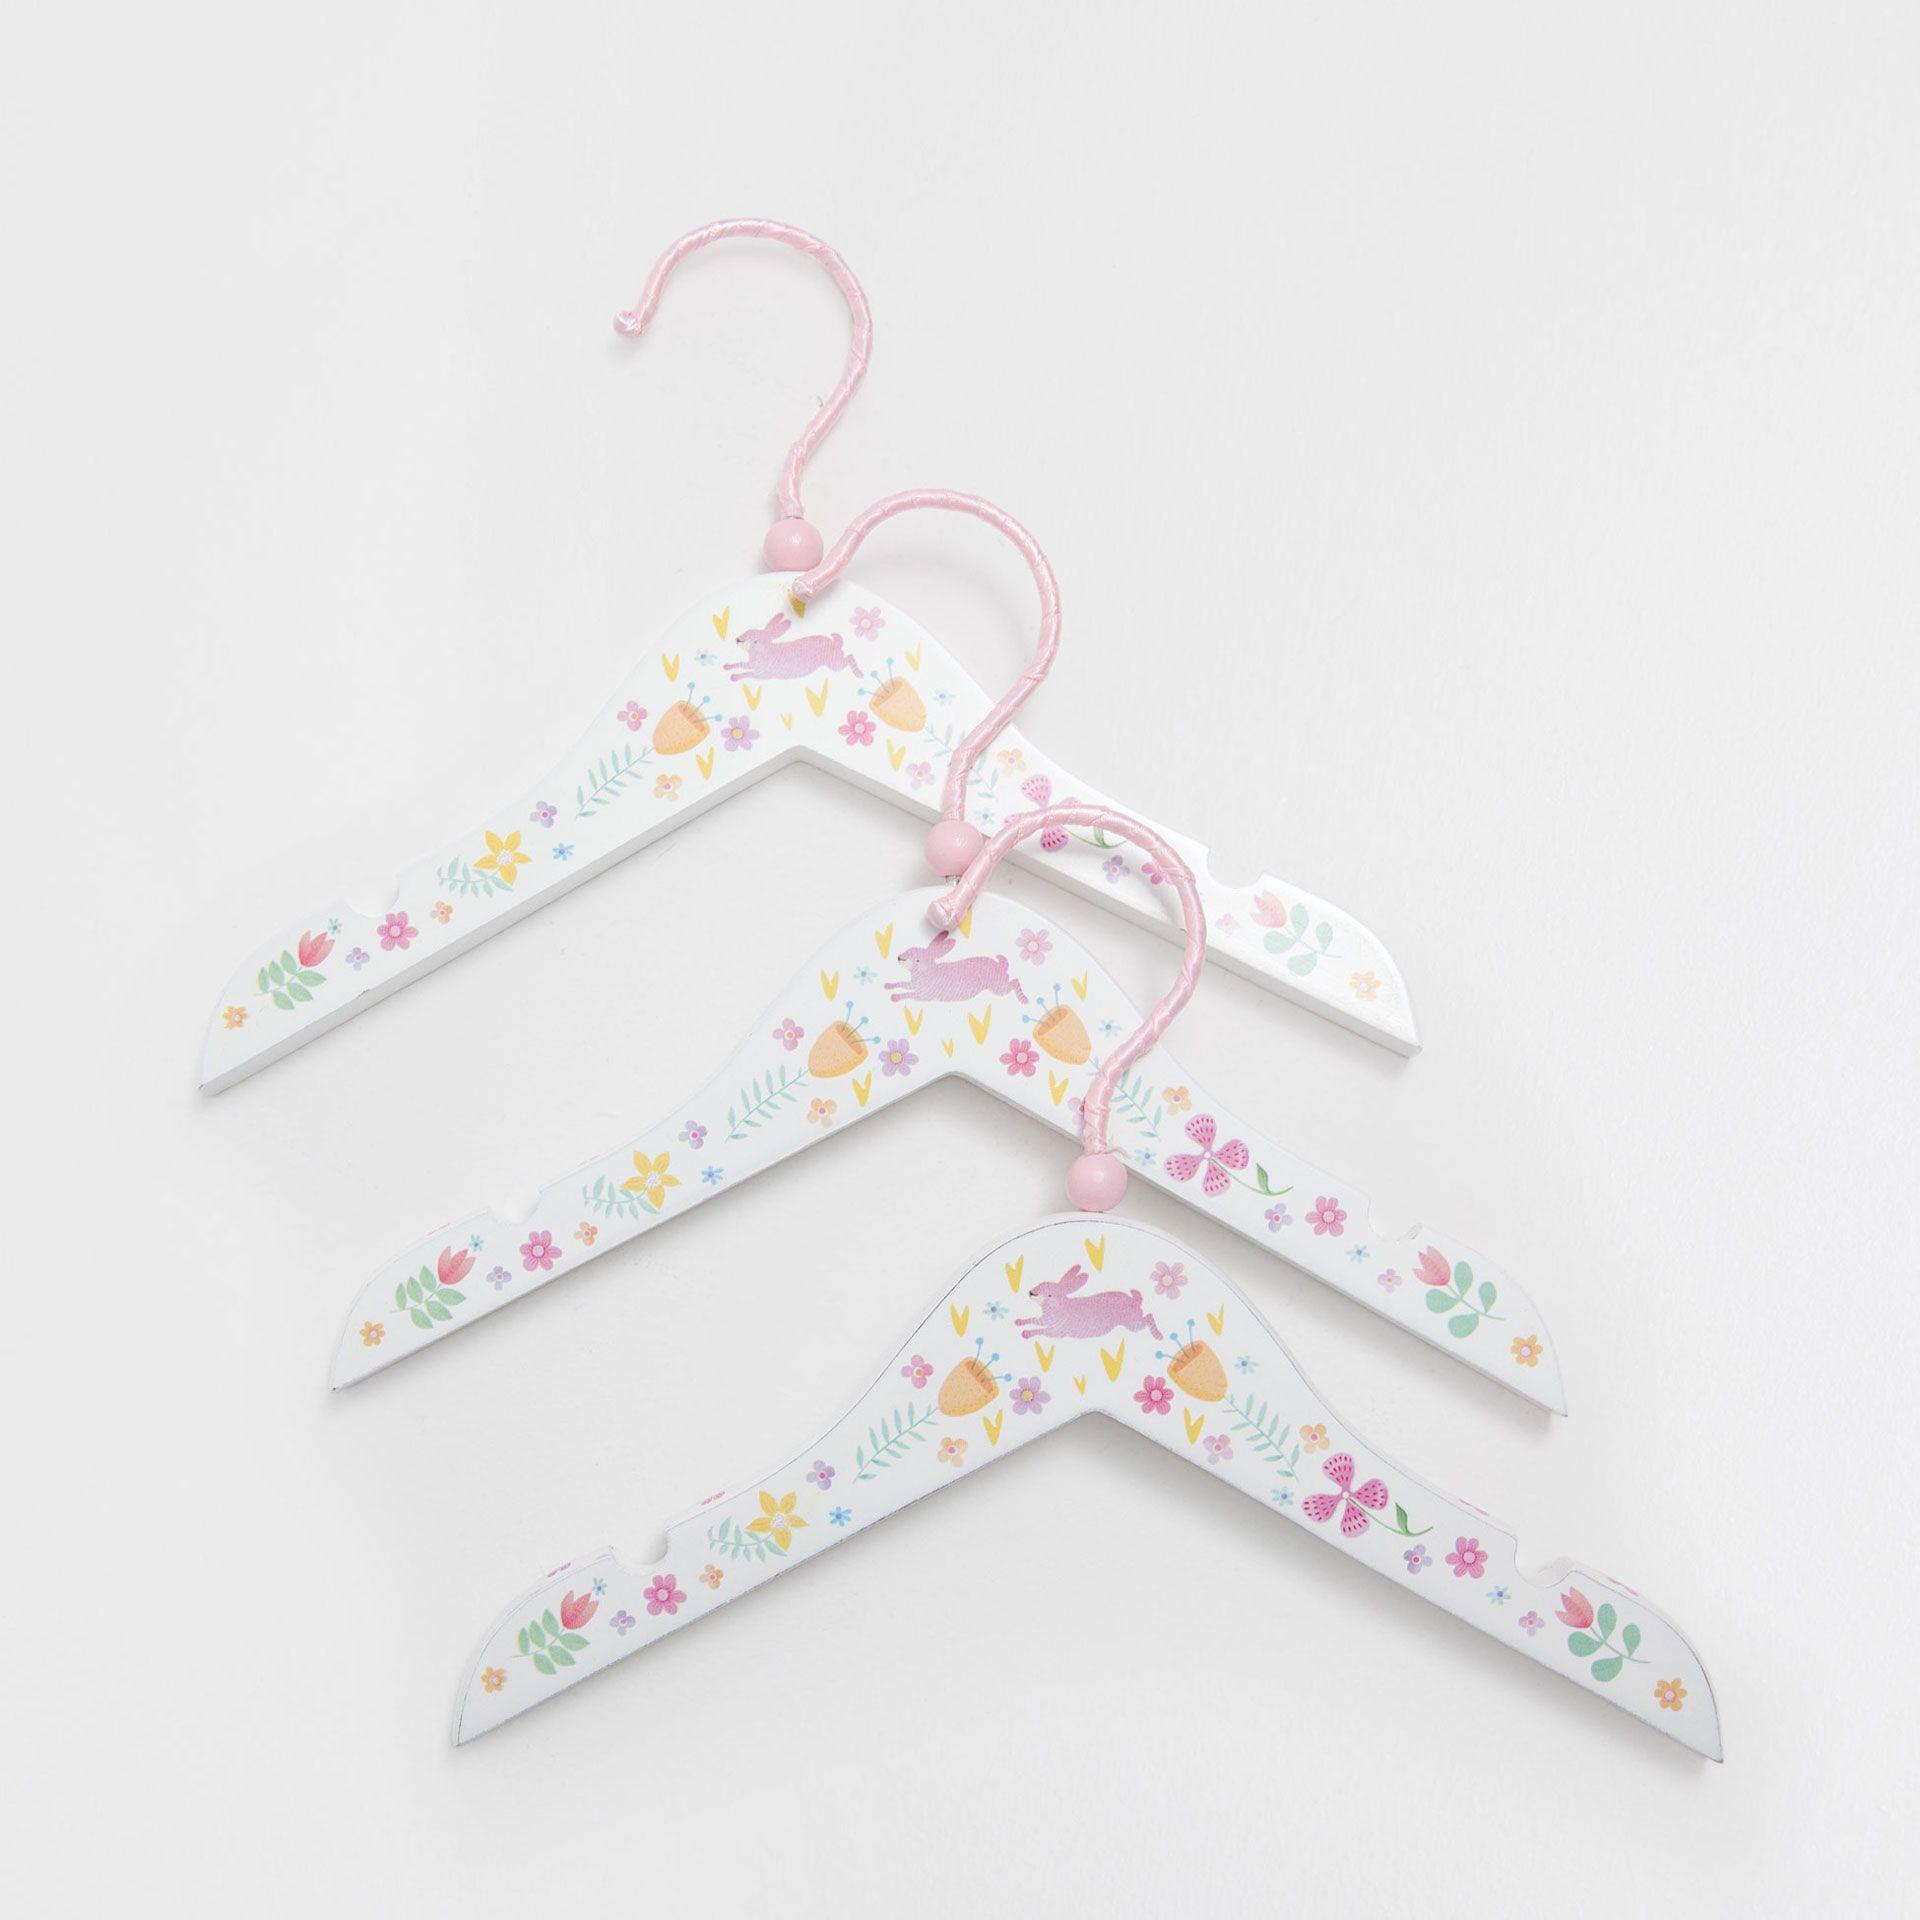 Zara Home Kleiderbügel mit Blumen (3er-Pack)   Cute things my ...